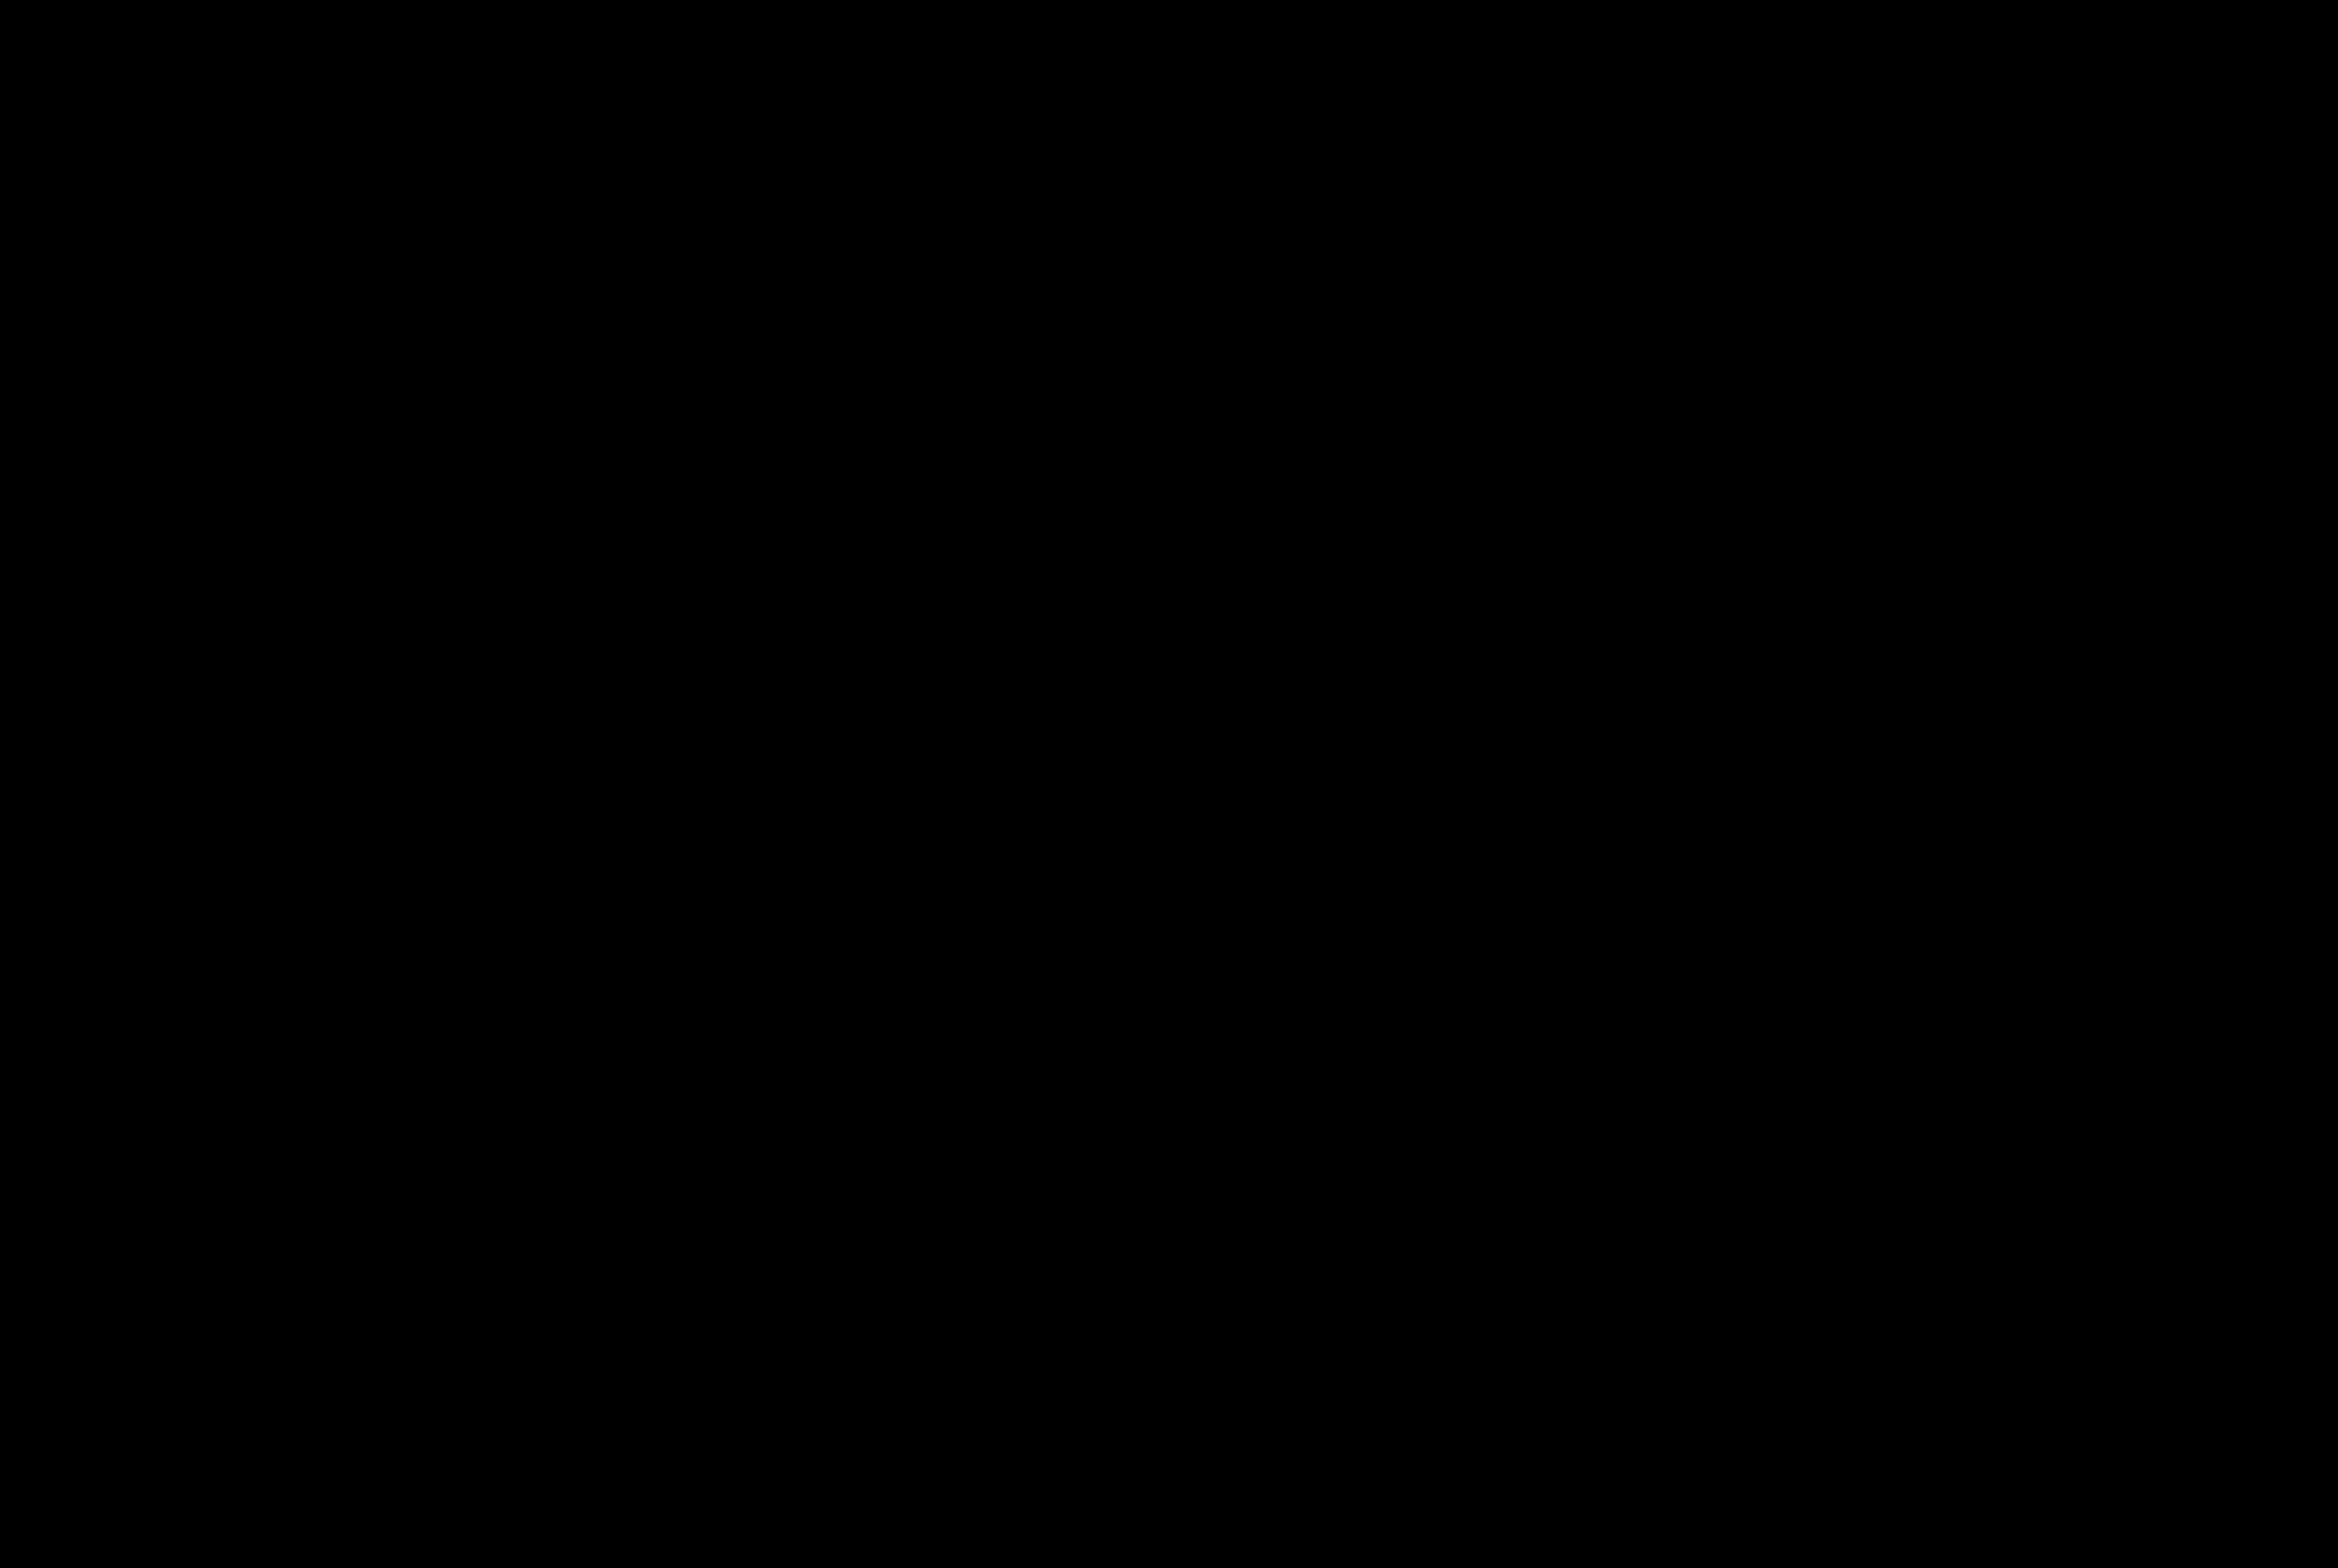 17121_Prop Plan.jpg